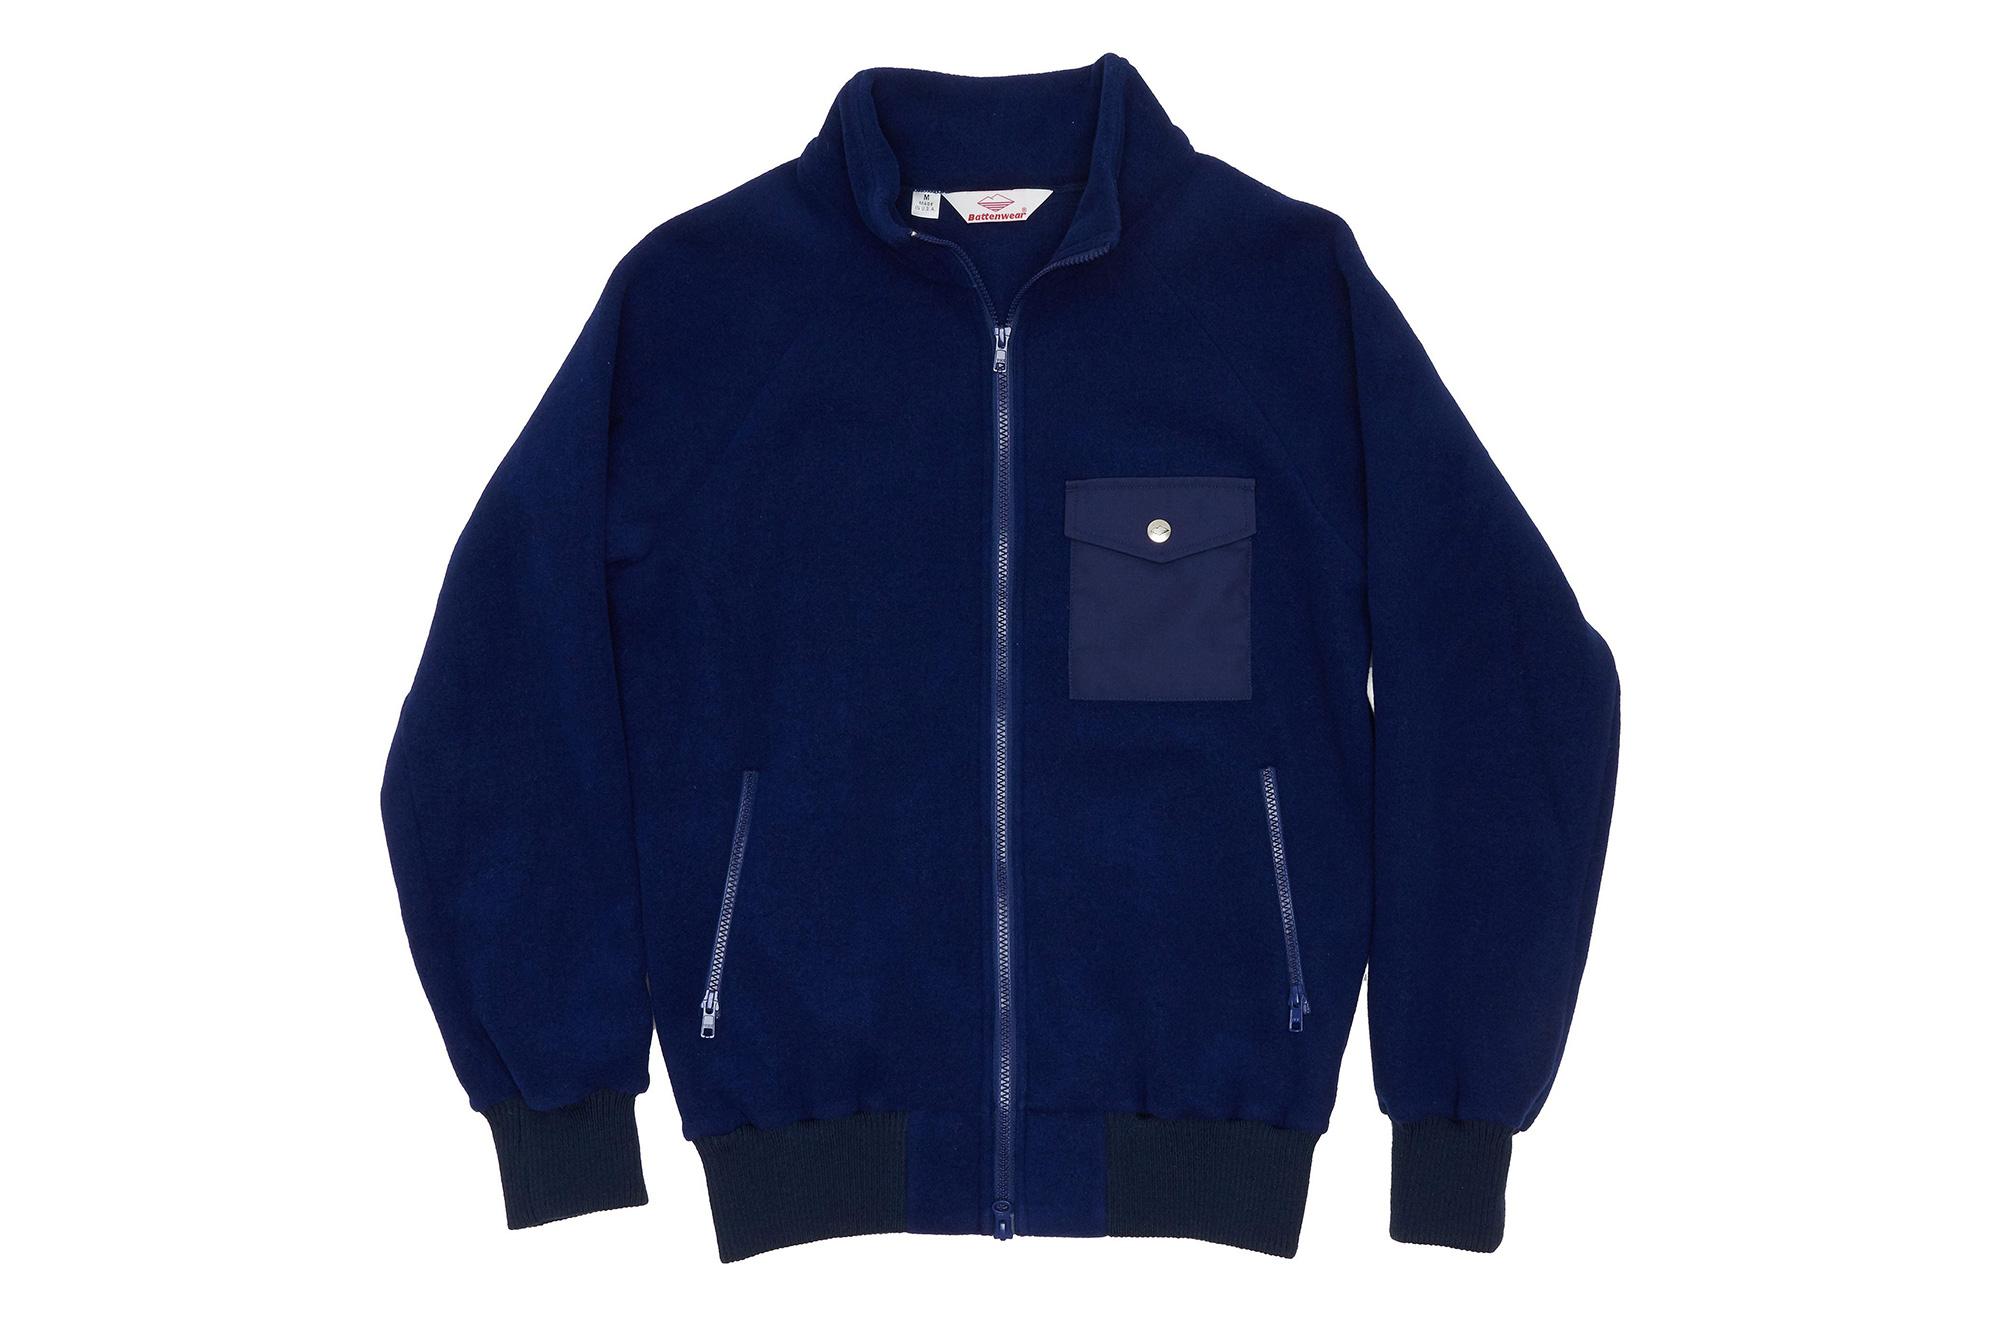 Giveaway – Enter to Win a Battenwear Warm-Up Fleece